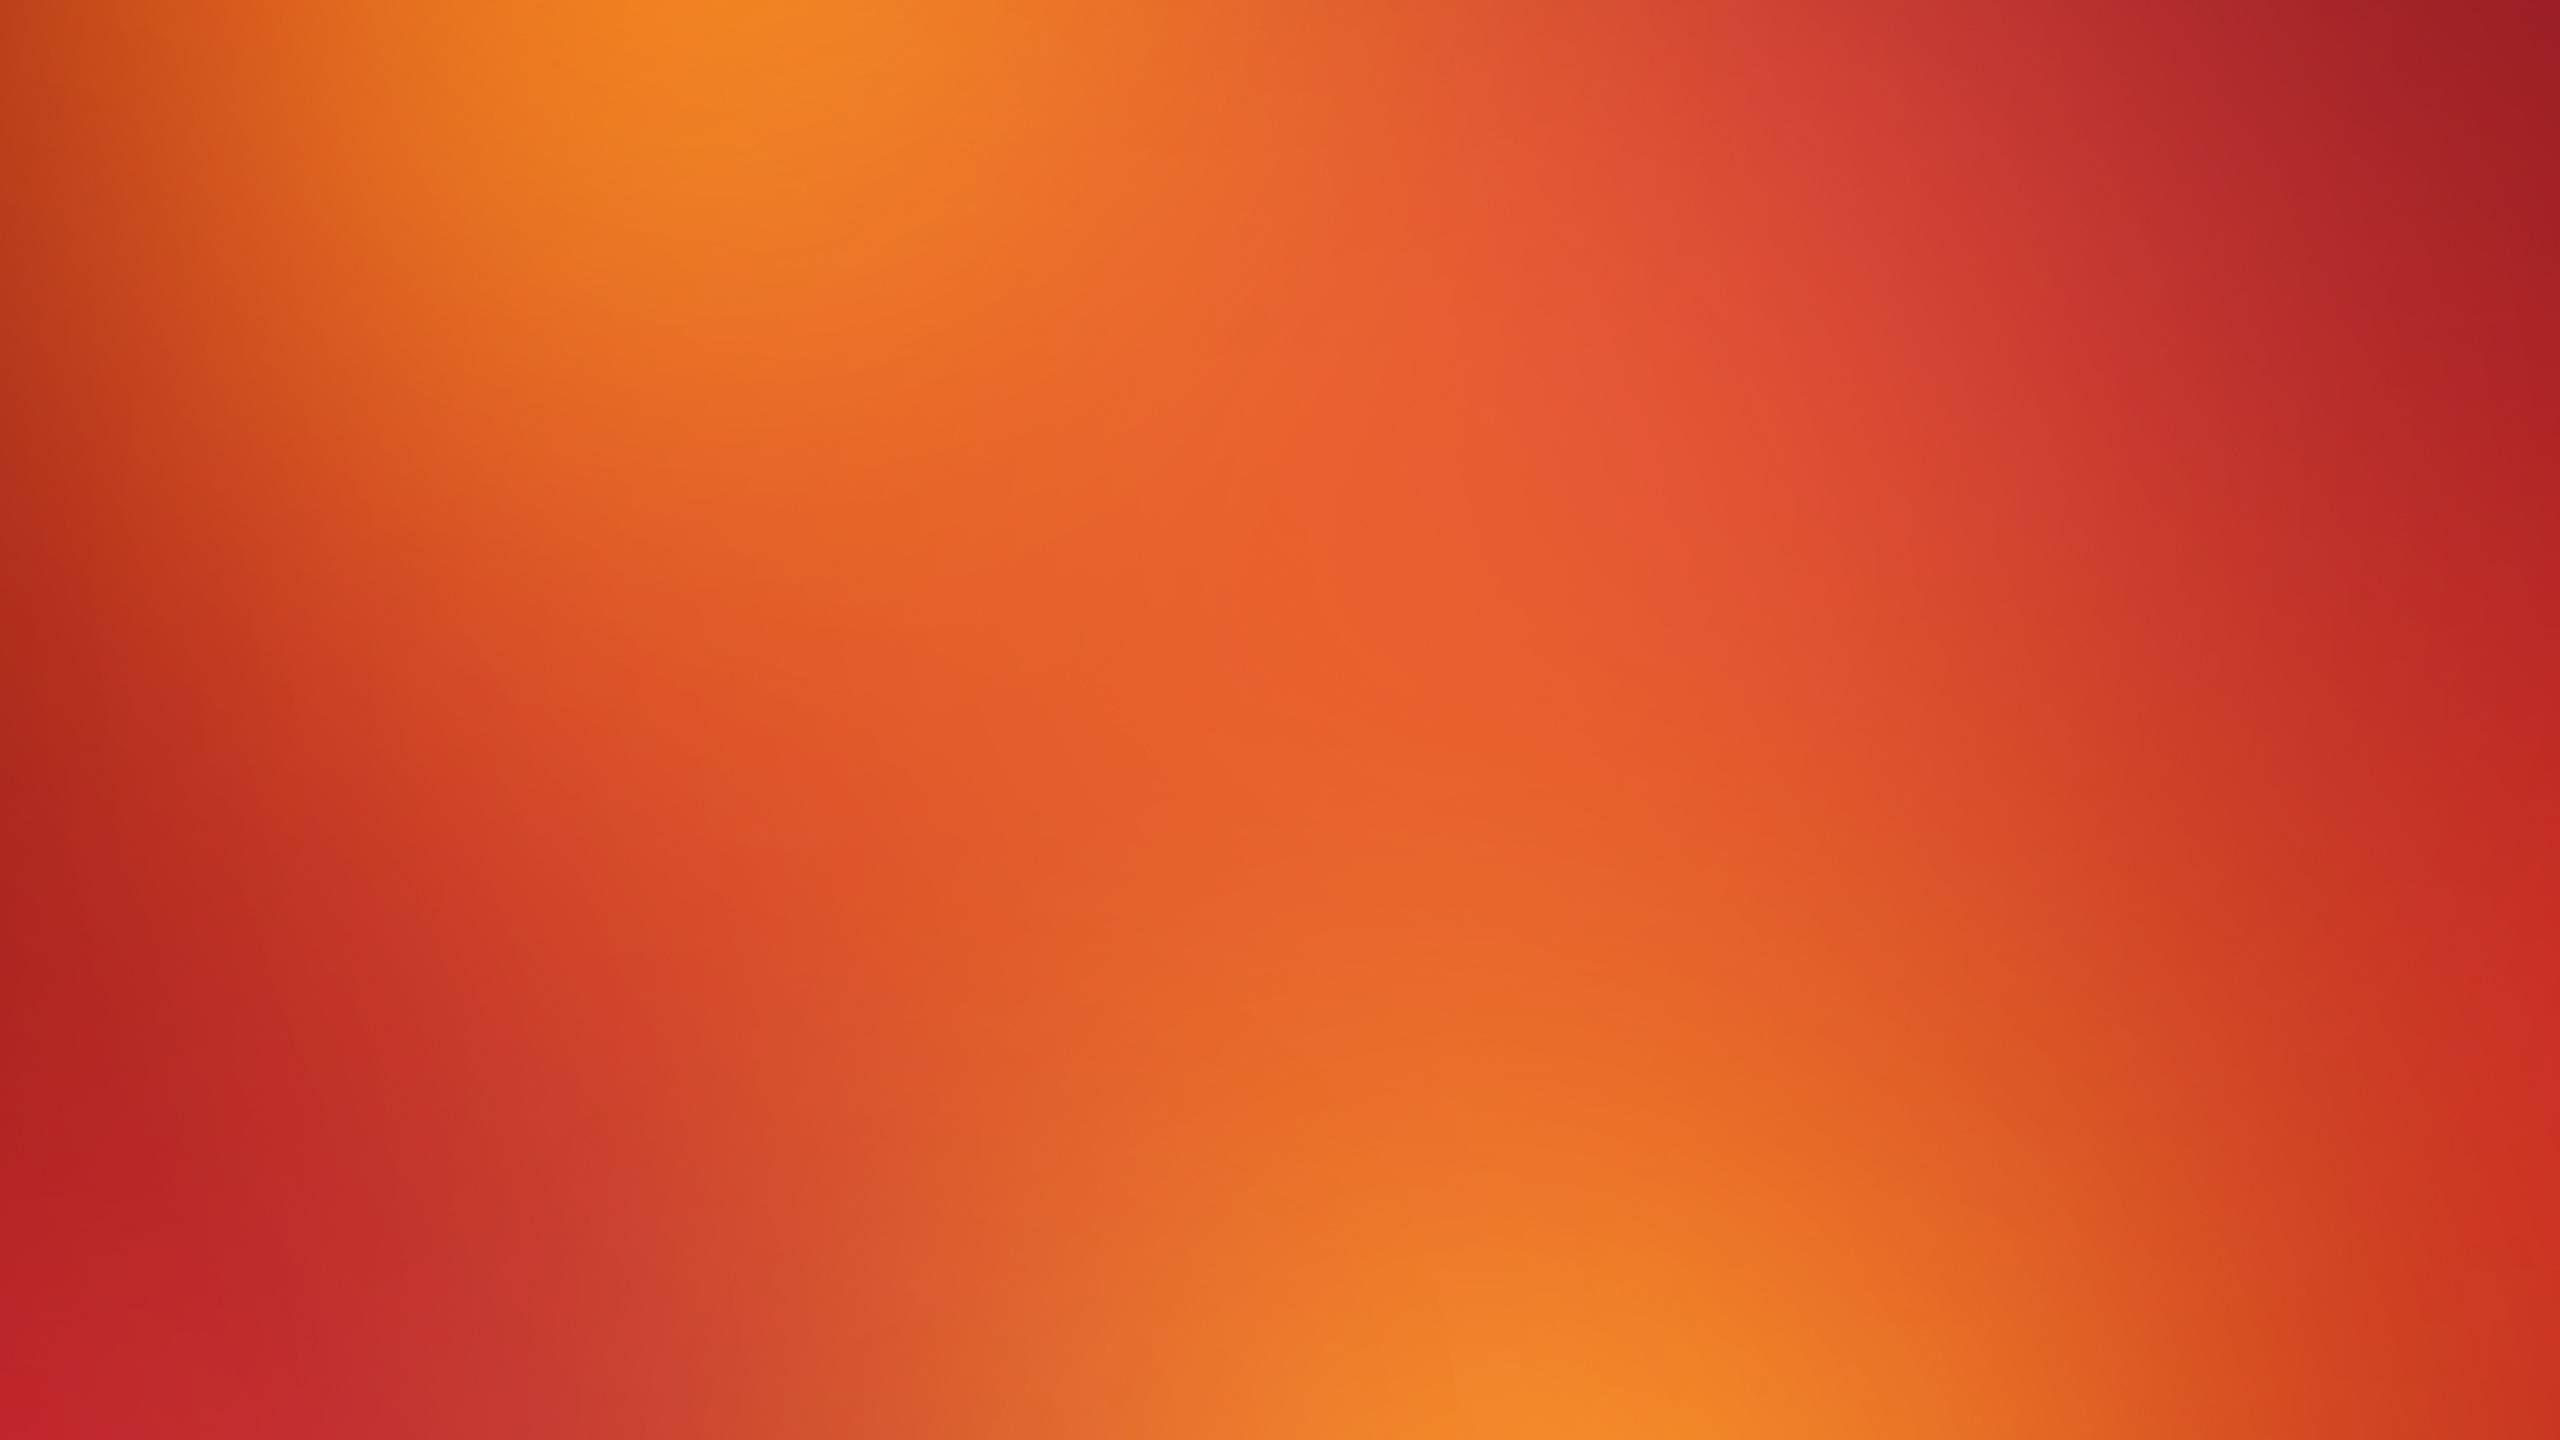 red-yellow-orange-wallpaper.jpg – ReFashionista